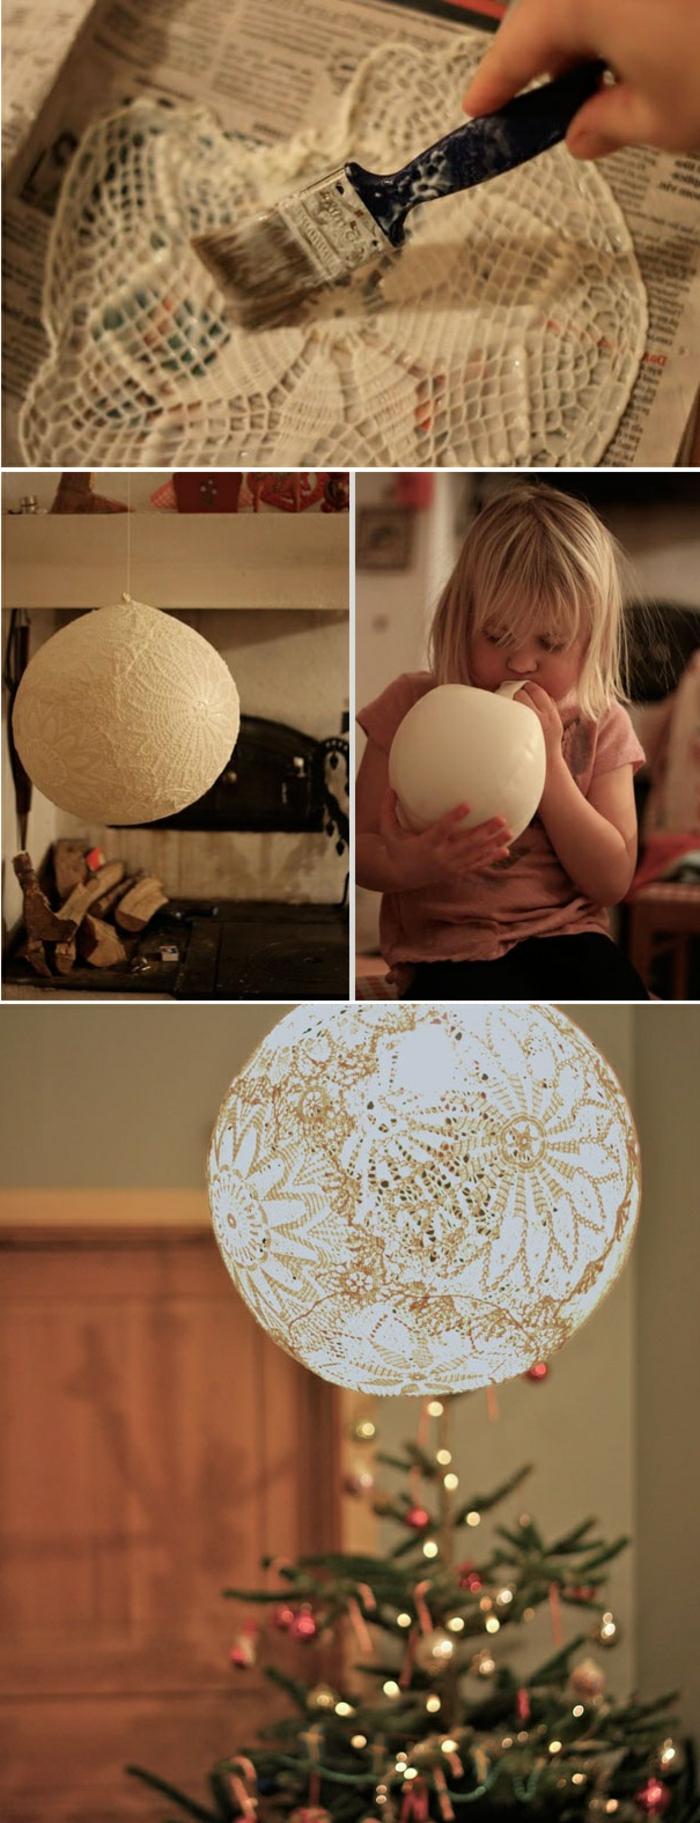 diy lampe suspendue à faire soi-même, idée bricolage recyclage facile, fabrication lampe avec colle et dentelle